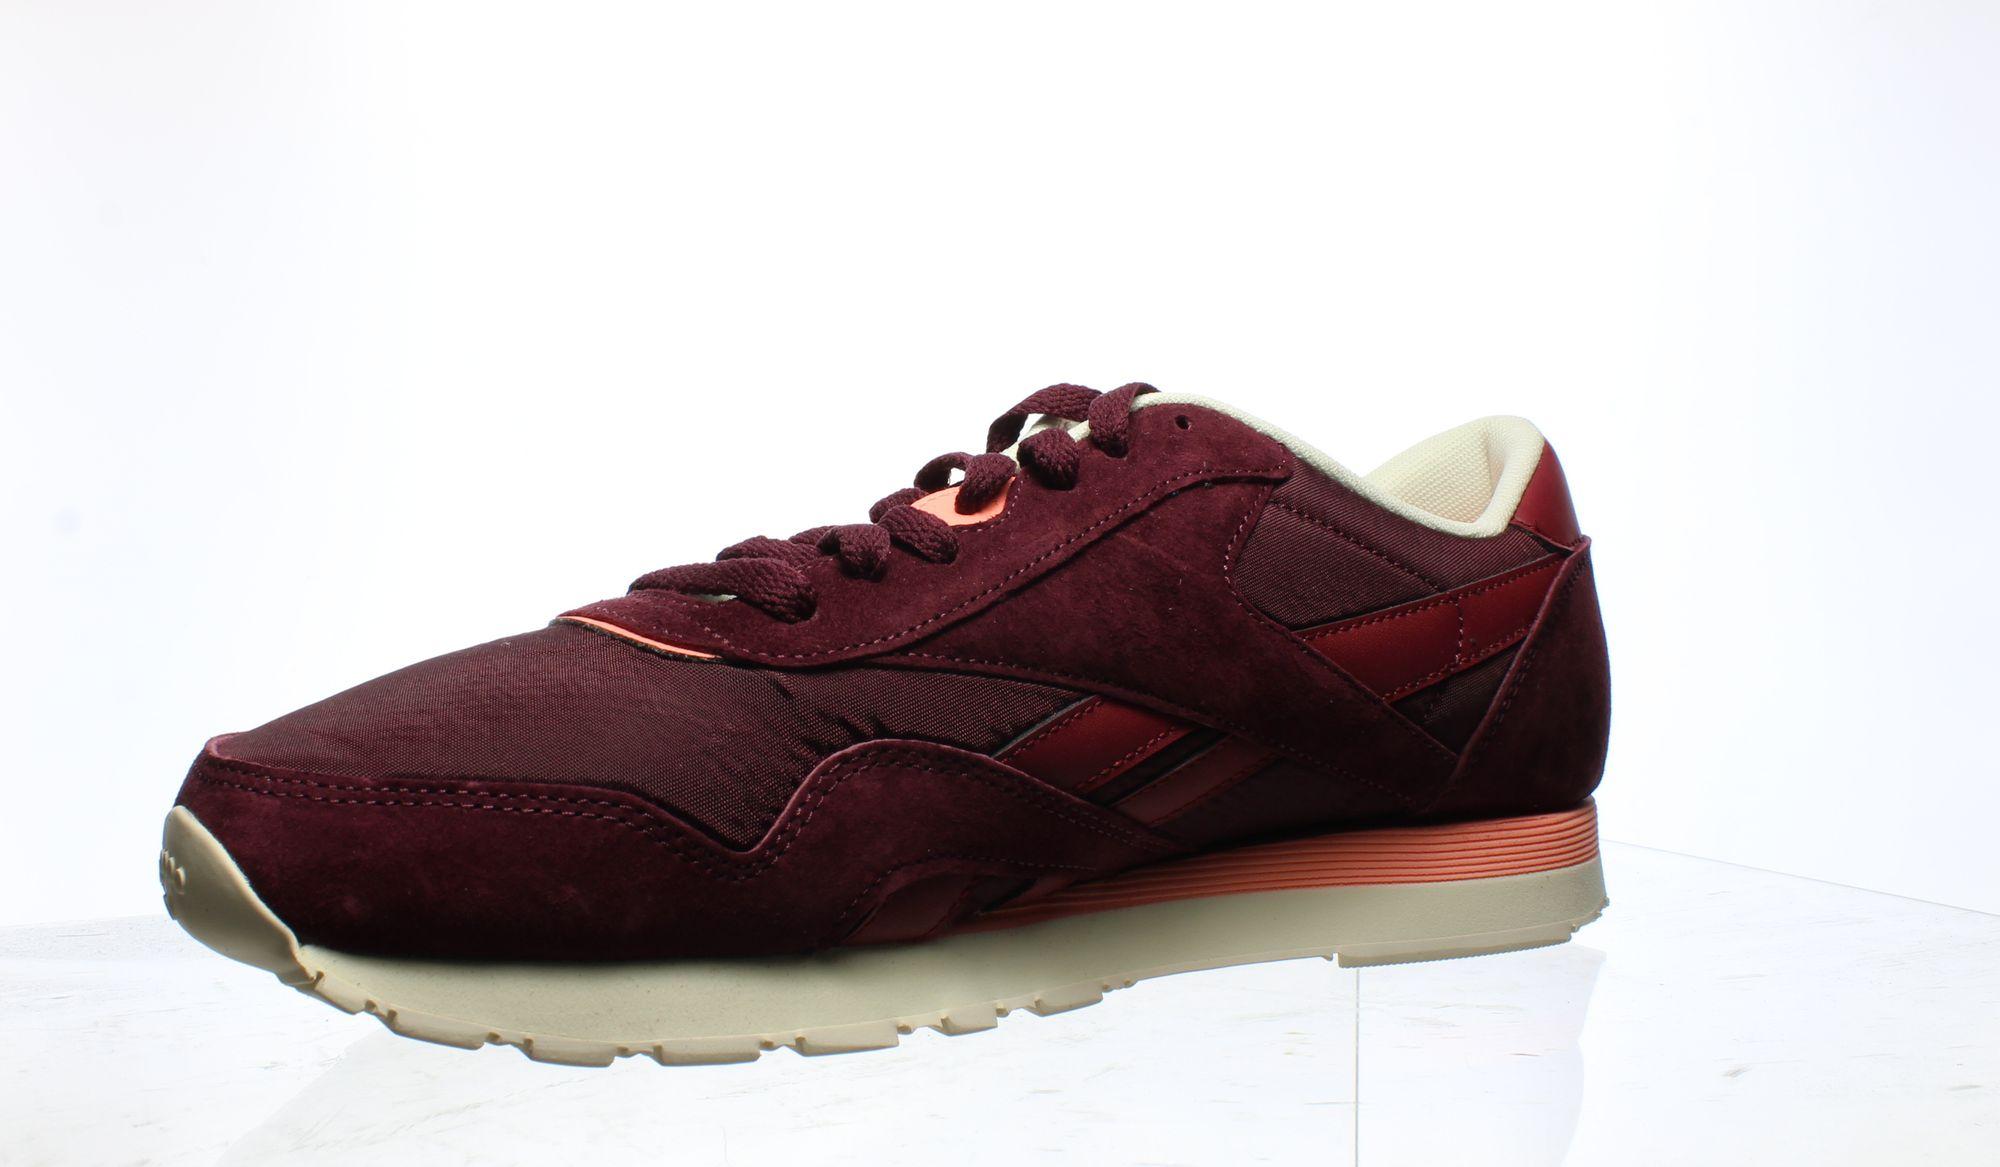 Reebok-Mens-Cl-Nylon-Fashion-Sneakers thumbnail 27